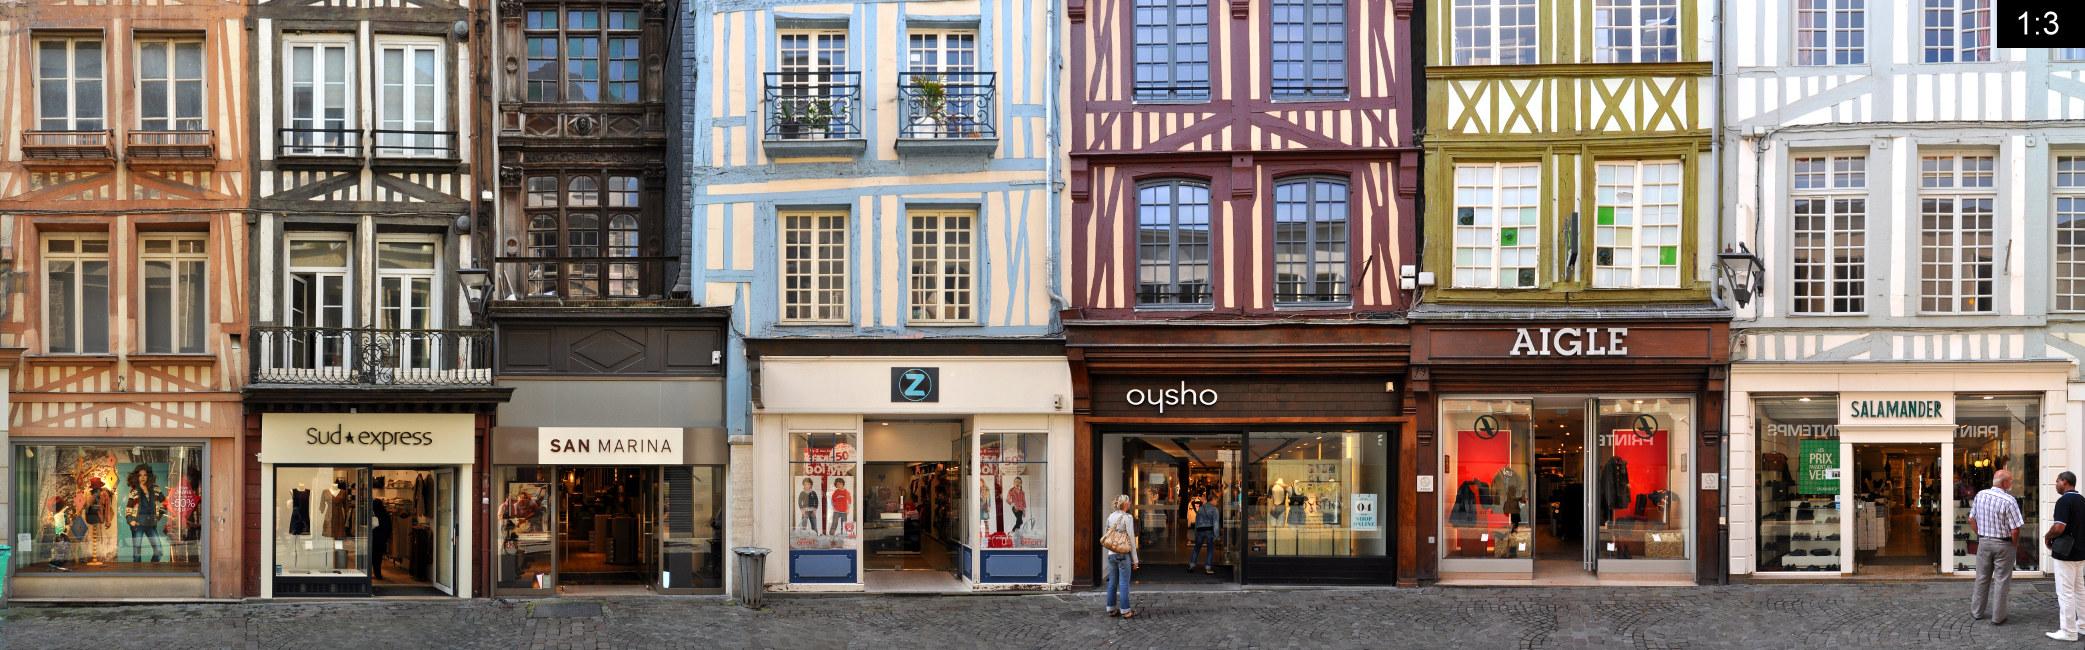 Horloge Gros Horloge Panoramastreetline Rue Panoramastreetline Du Horloge Gros Du Rue Du Gros Rue Du Rue Panoramastreetline w4I6vq